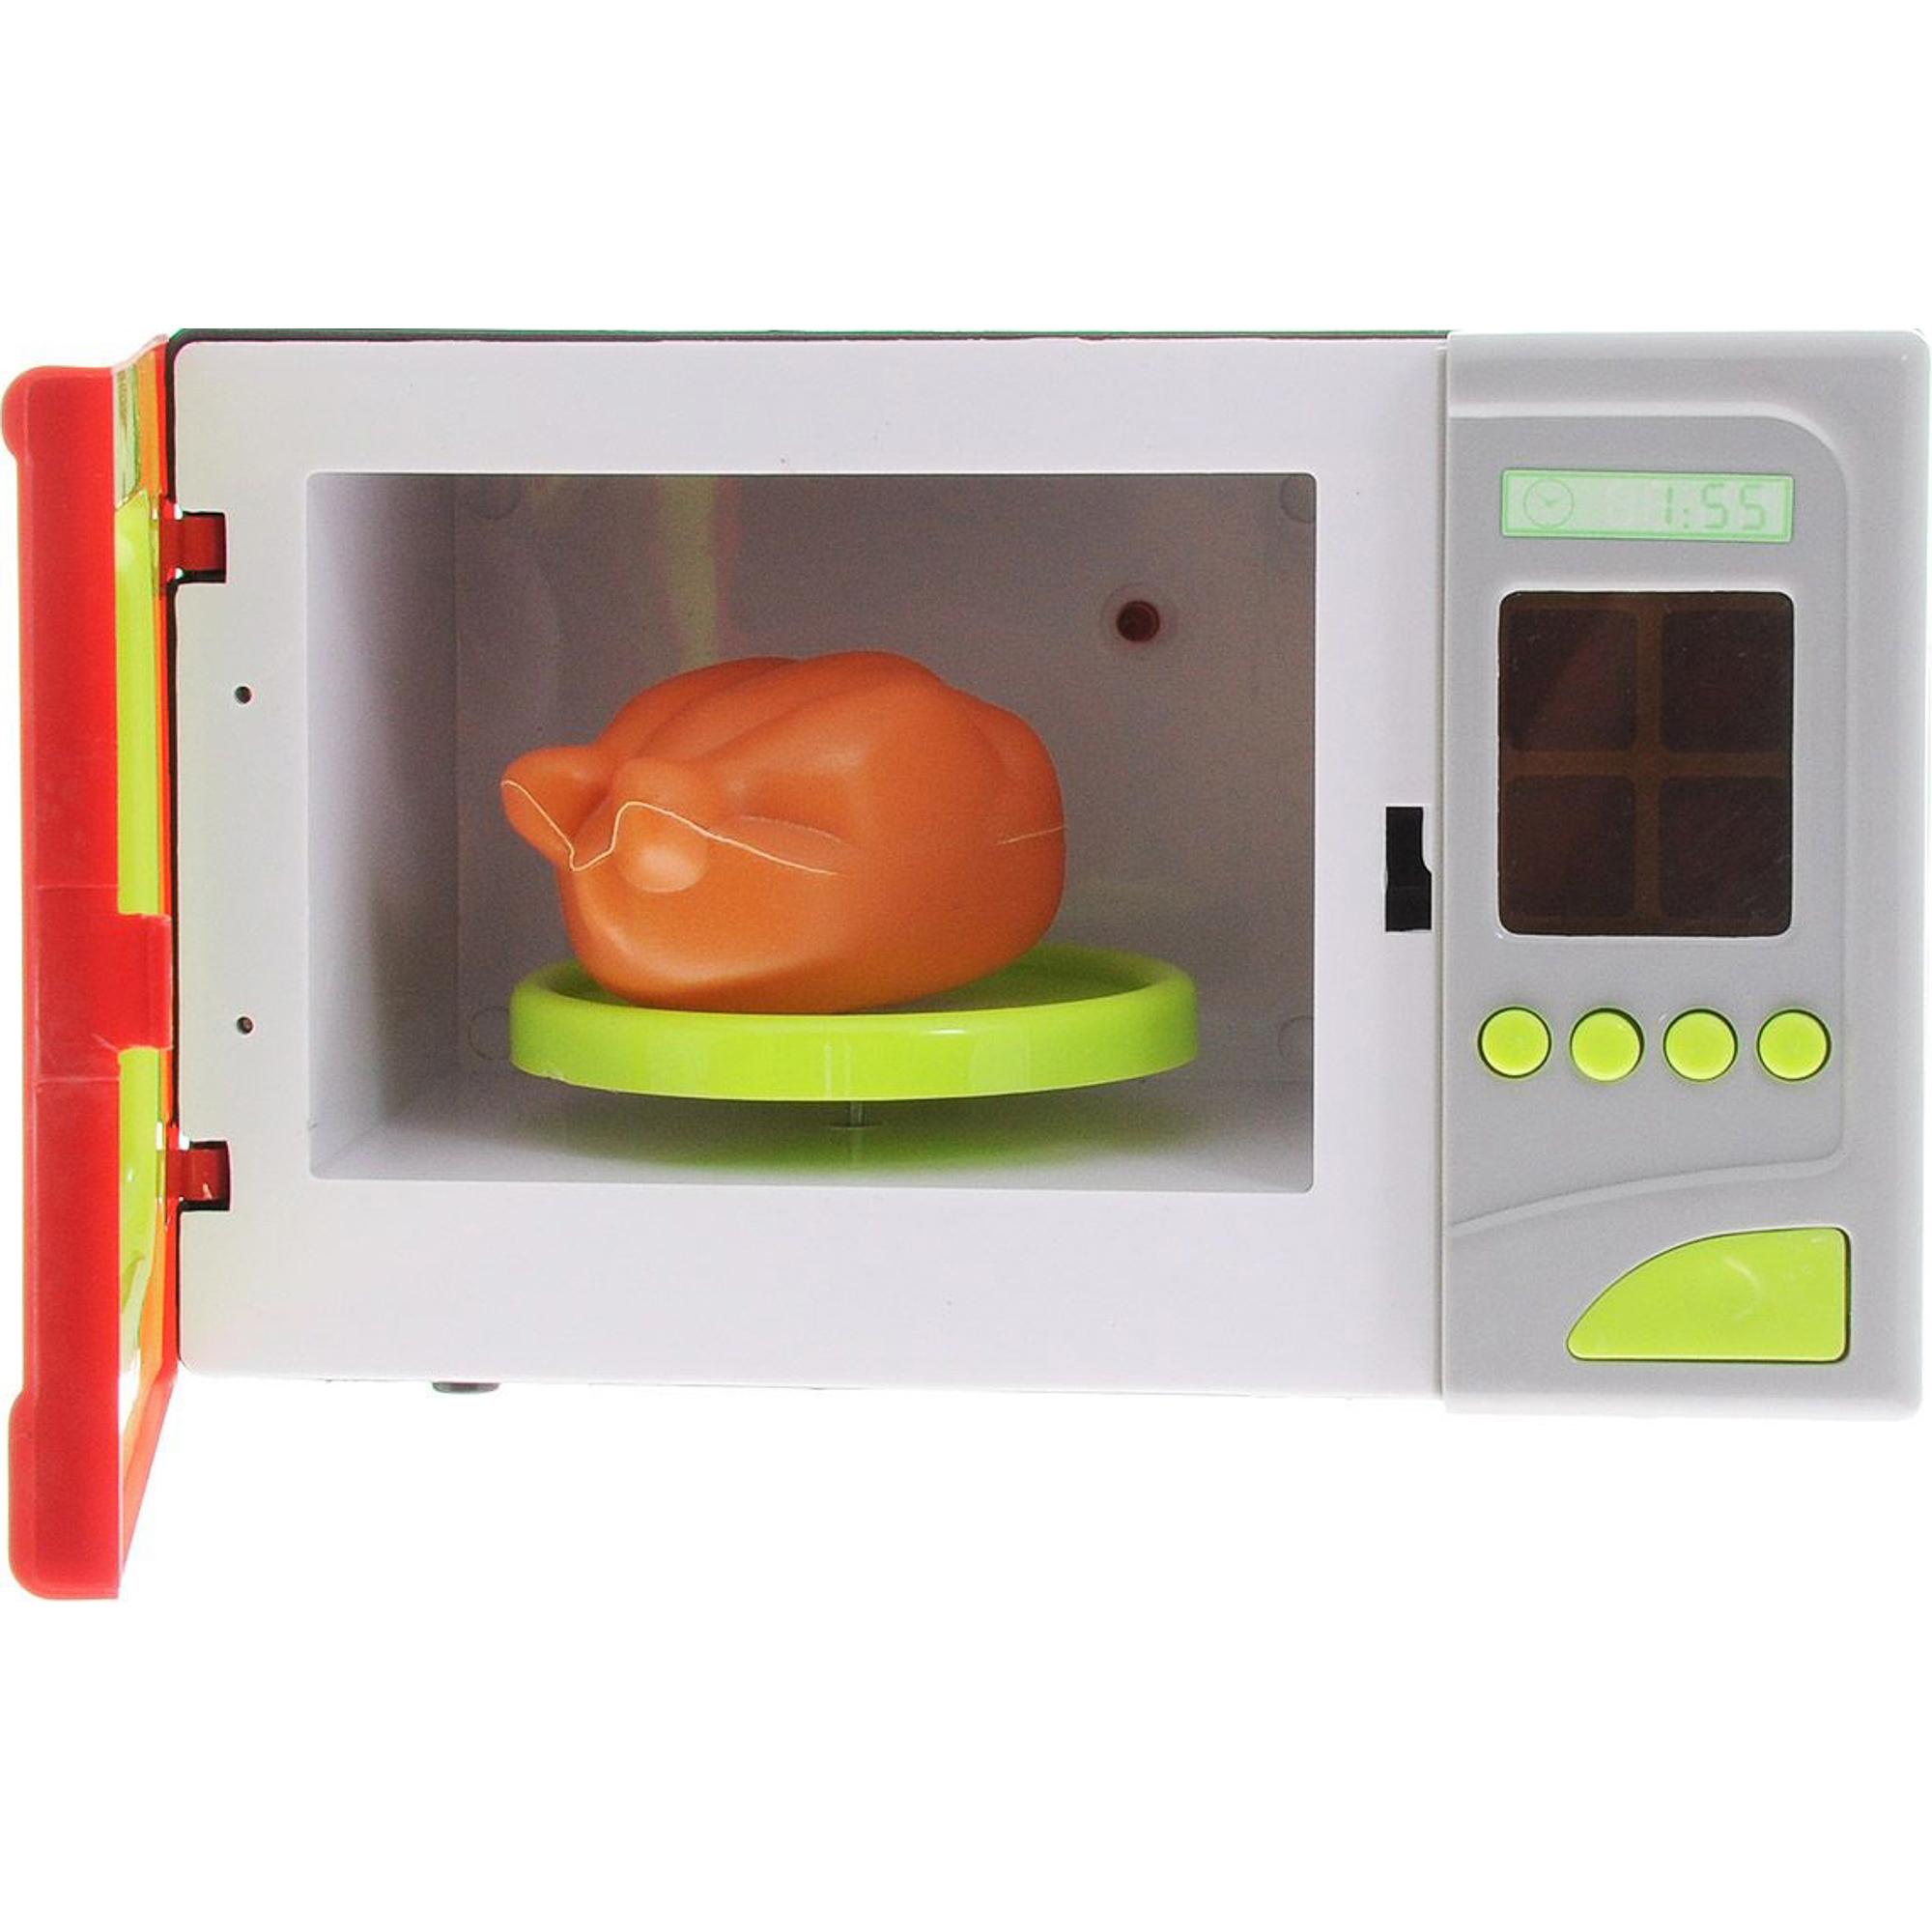 Игровой набор ABtoys Помогаю маме Микроволновая печь фото